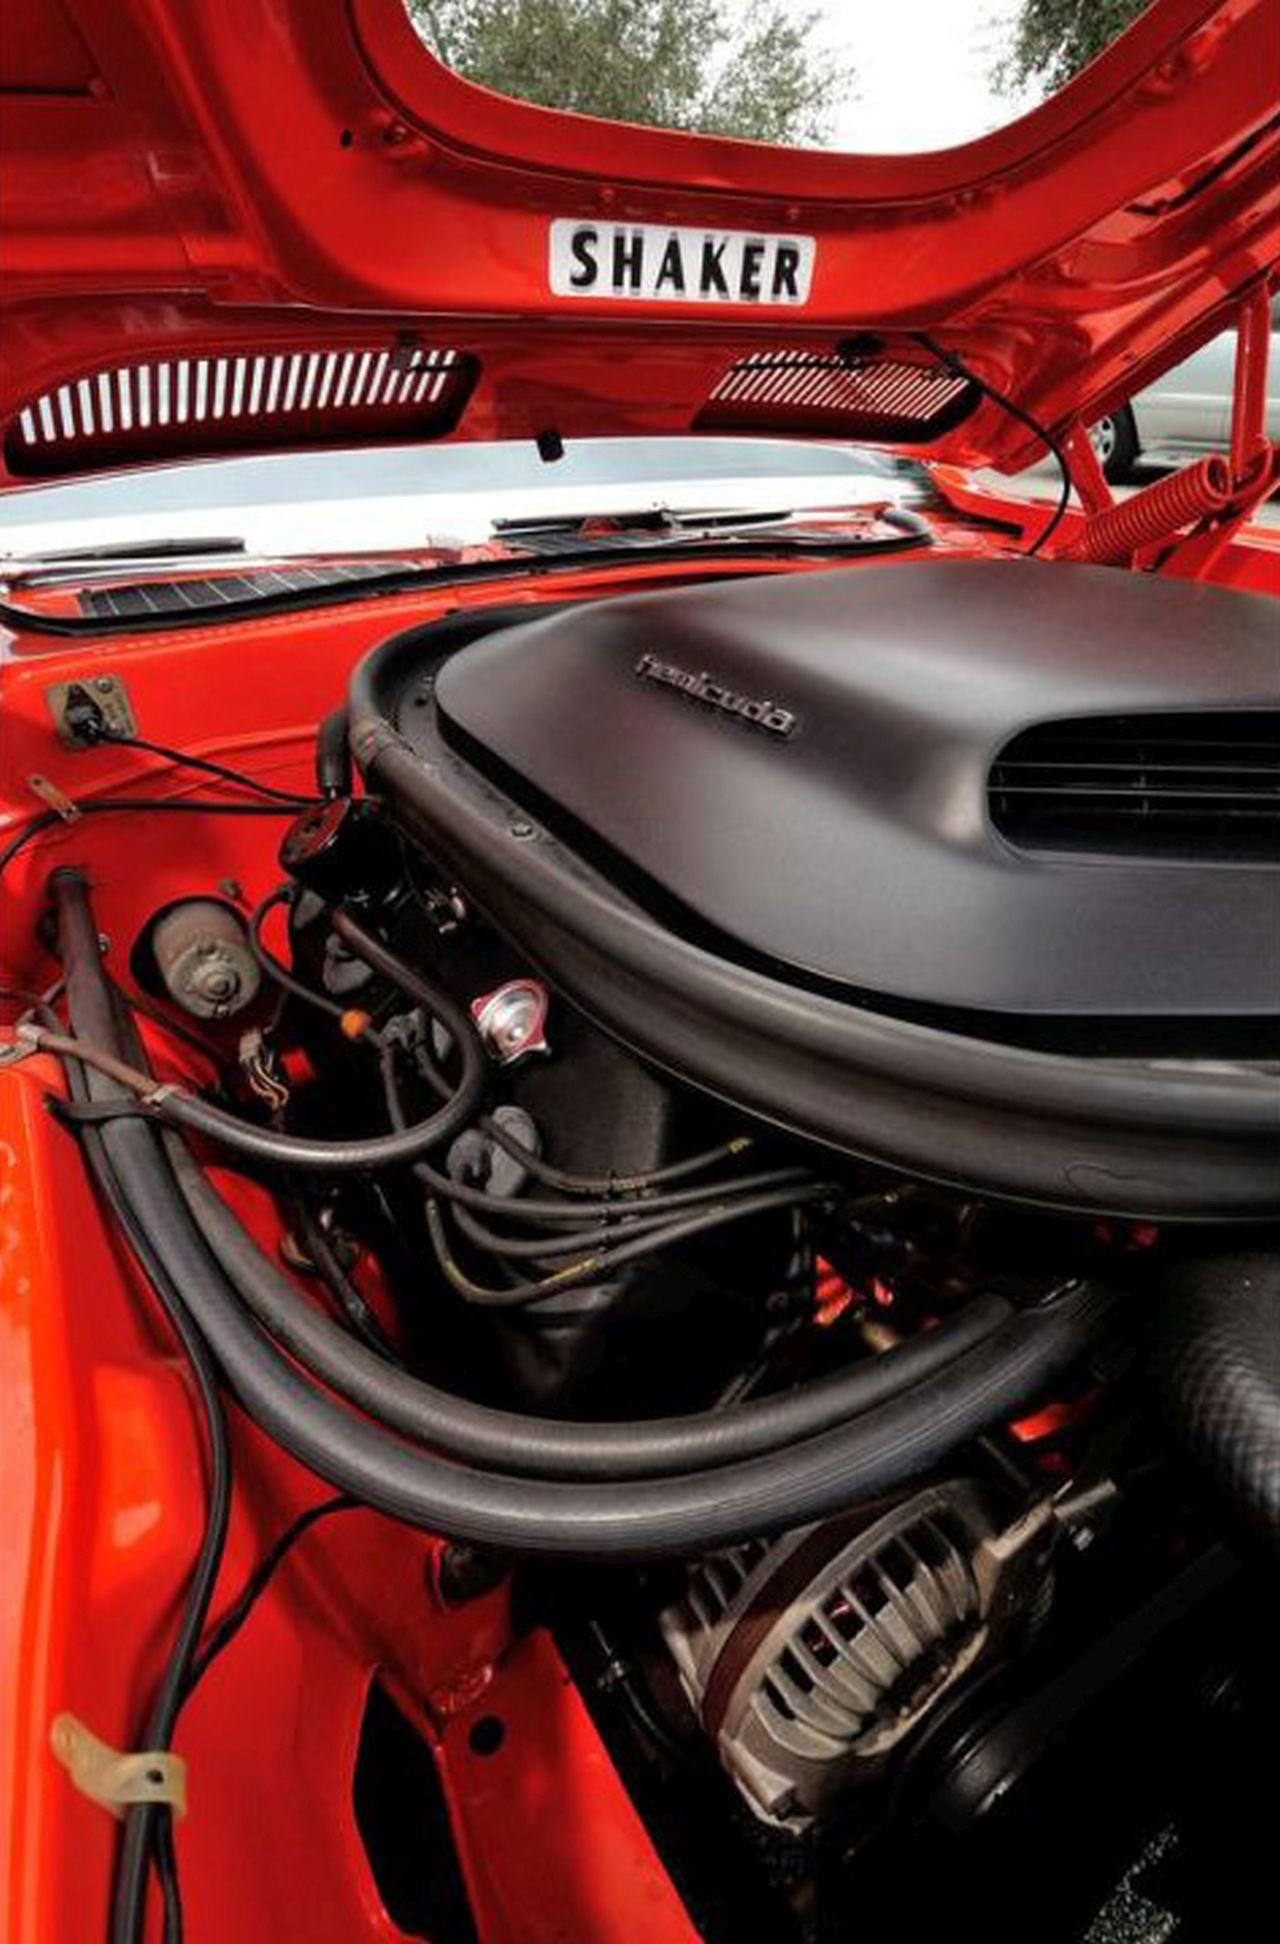 Plymouth HemiCuda 1971 - Cette fois elle sort pas de conteneur ! 5